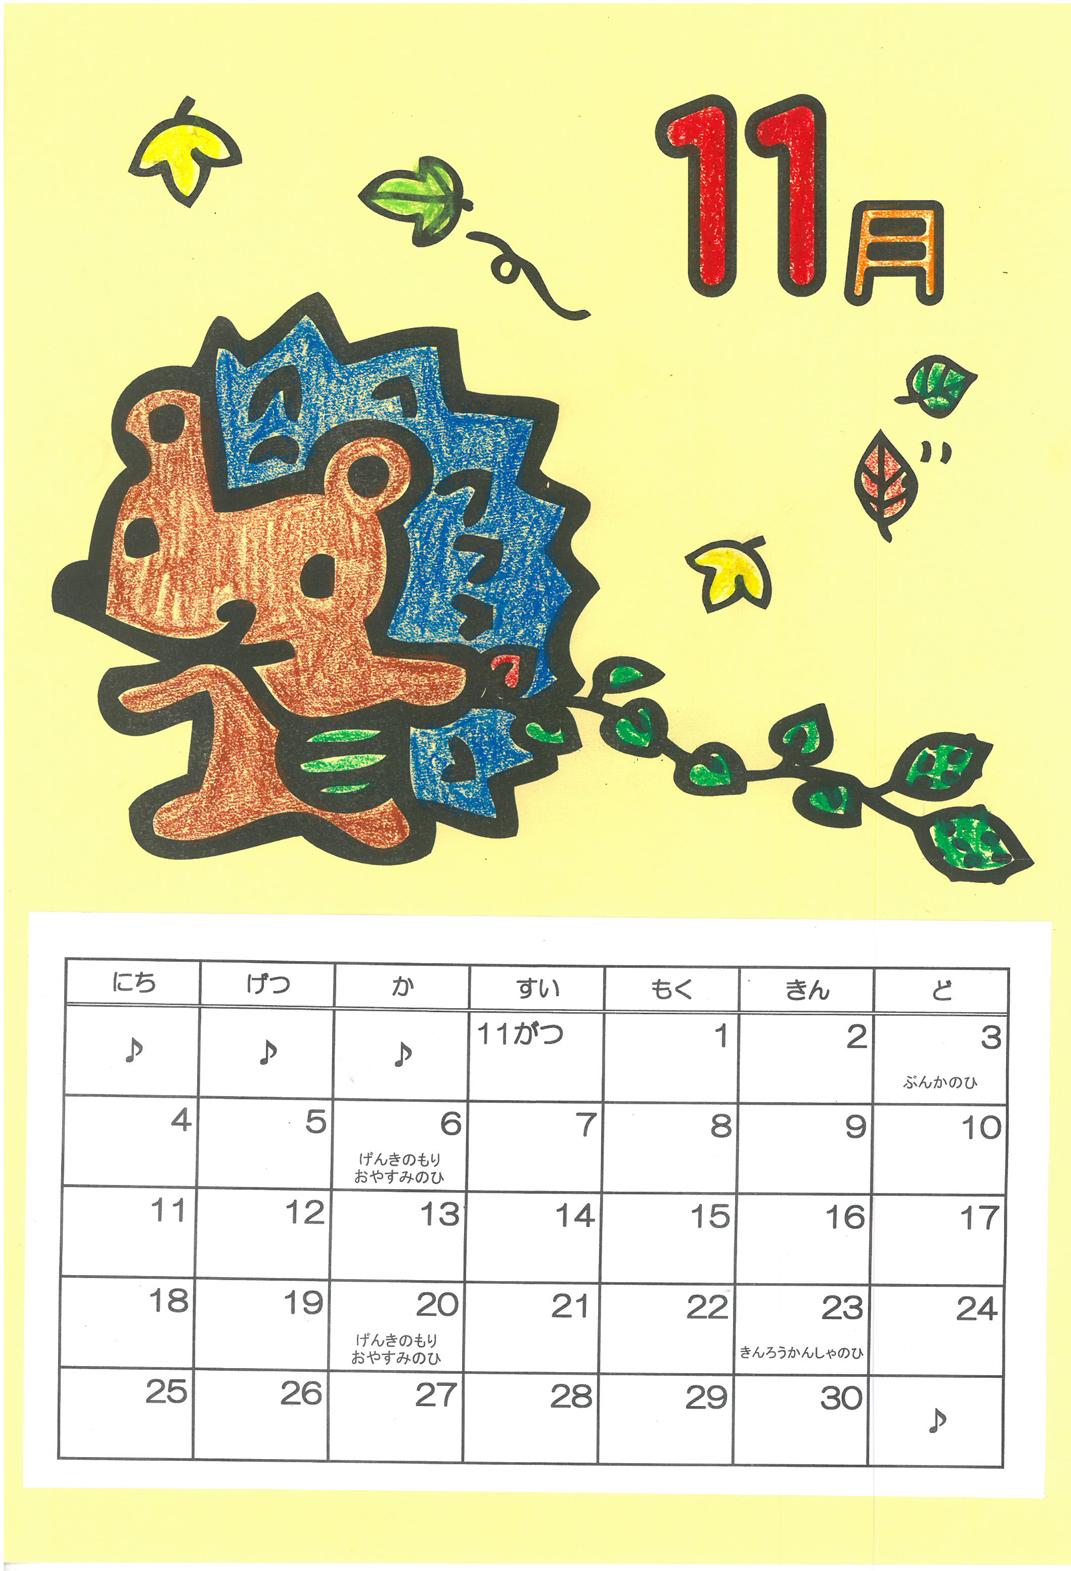 創作ぬりえカレンダー11月のカレンダーをつくろう 北九州市立